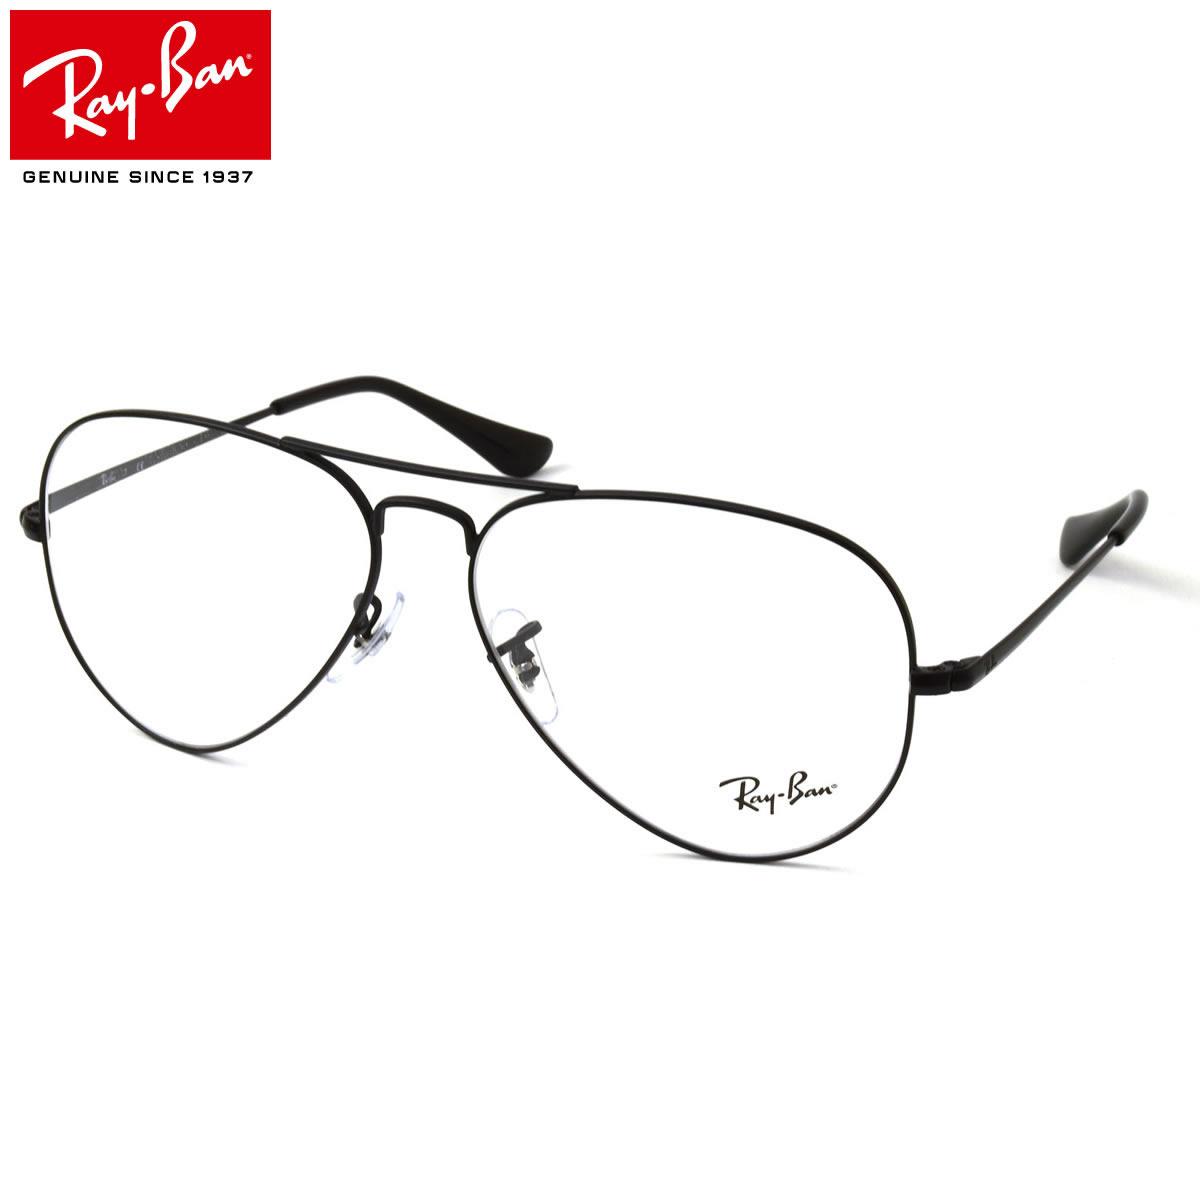 Ray-Ban レイバン メガネ RX6489 2503 55サイズ AVIATOR アビエーター ICONS アイコンズ クラシック メンズ レディース